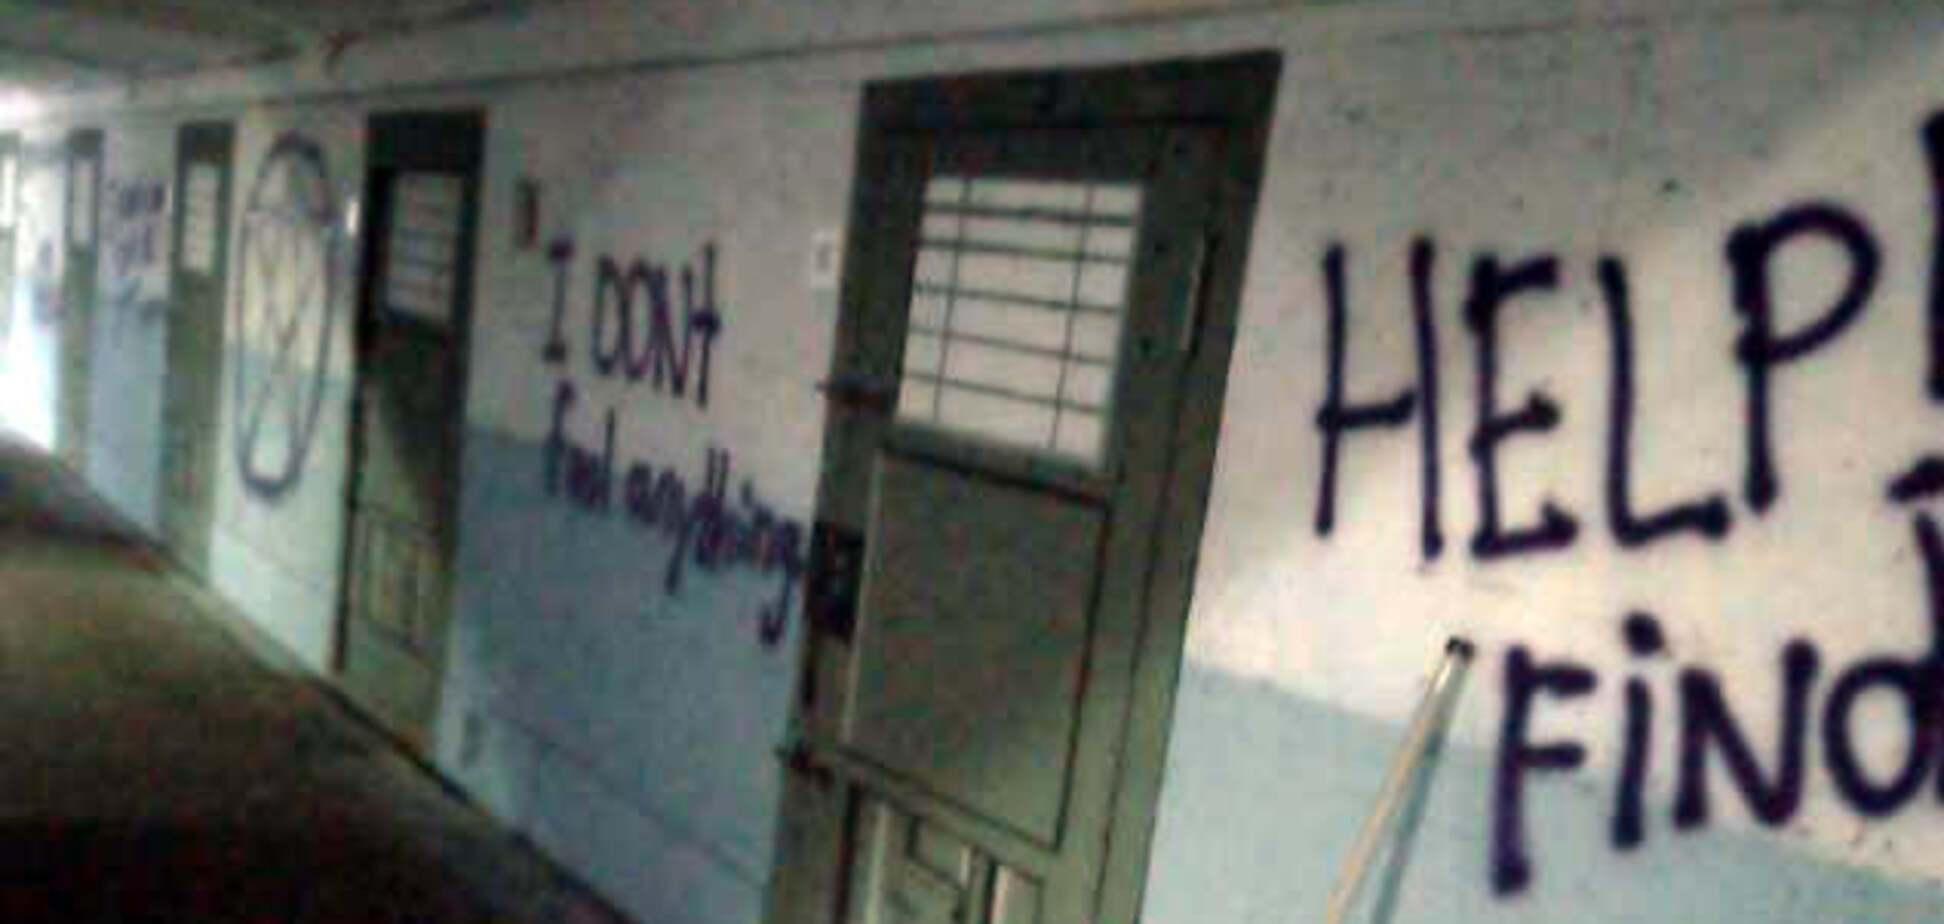 У Києві вандали спаплюжили артоб'єкт, присвячений політв'язням Криму. Фото